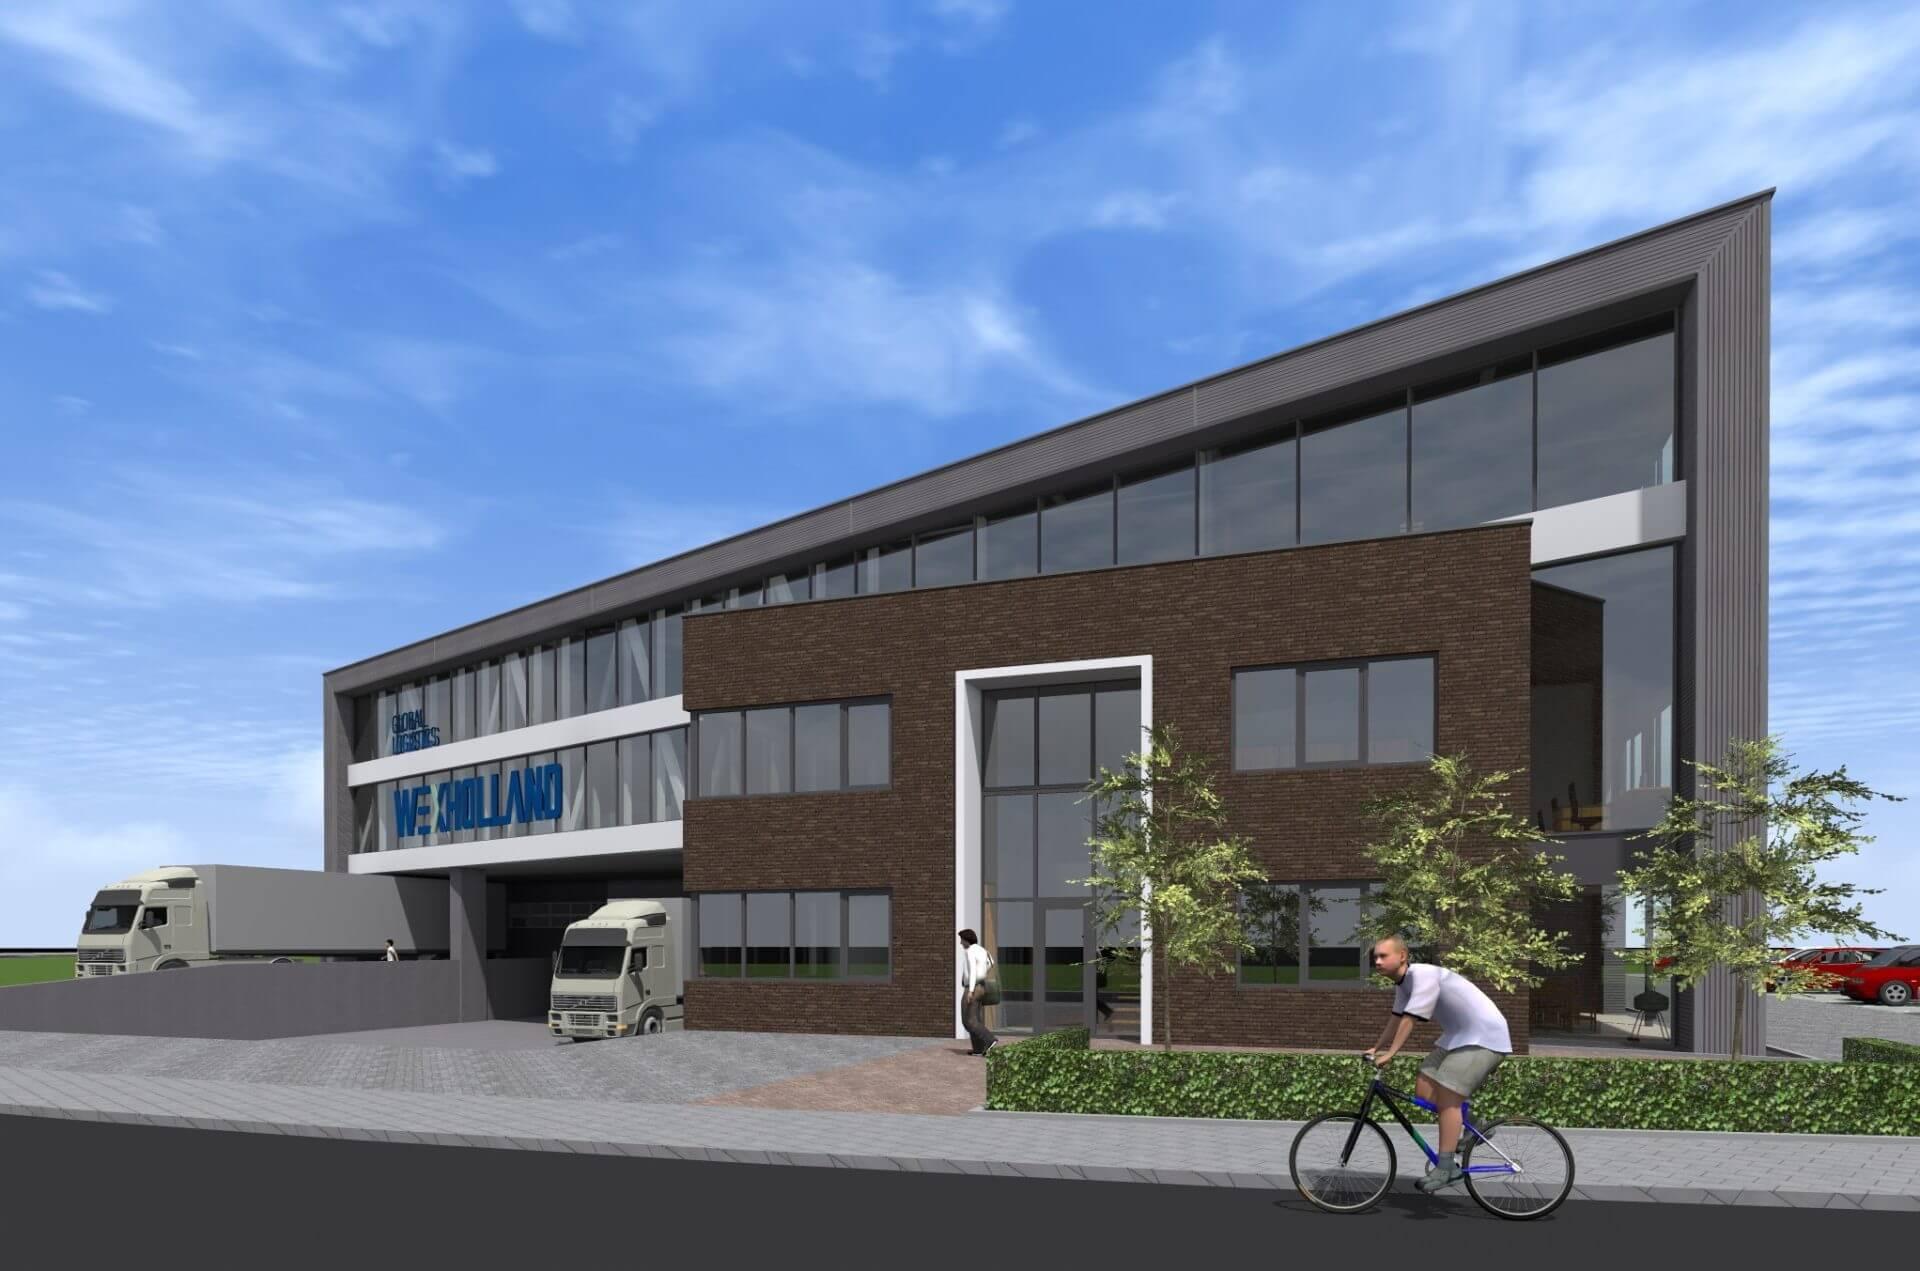 Nieuwbouw bedrijfspand WEX Holland te Schoonhoven